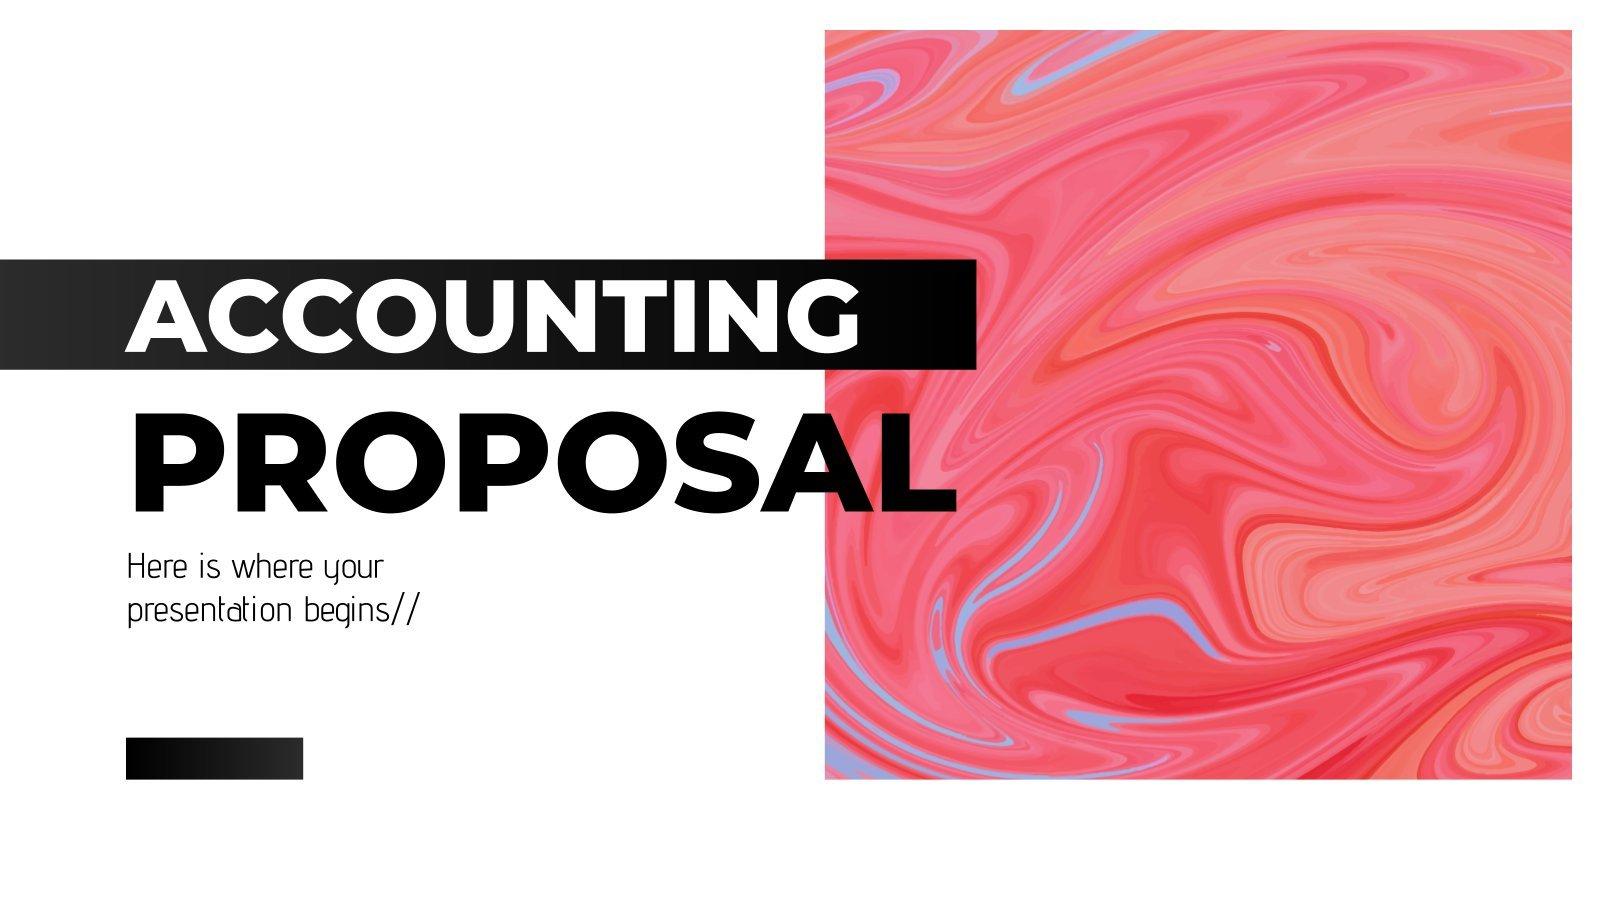 Proposition de comptabilité : Modèles de présentation